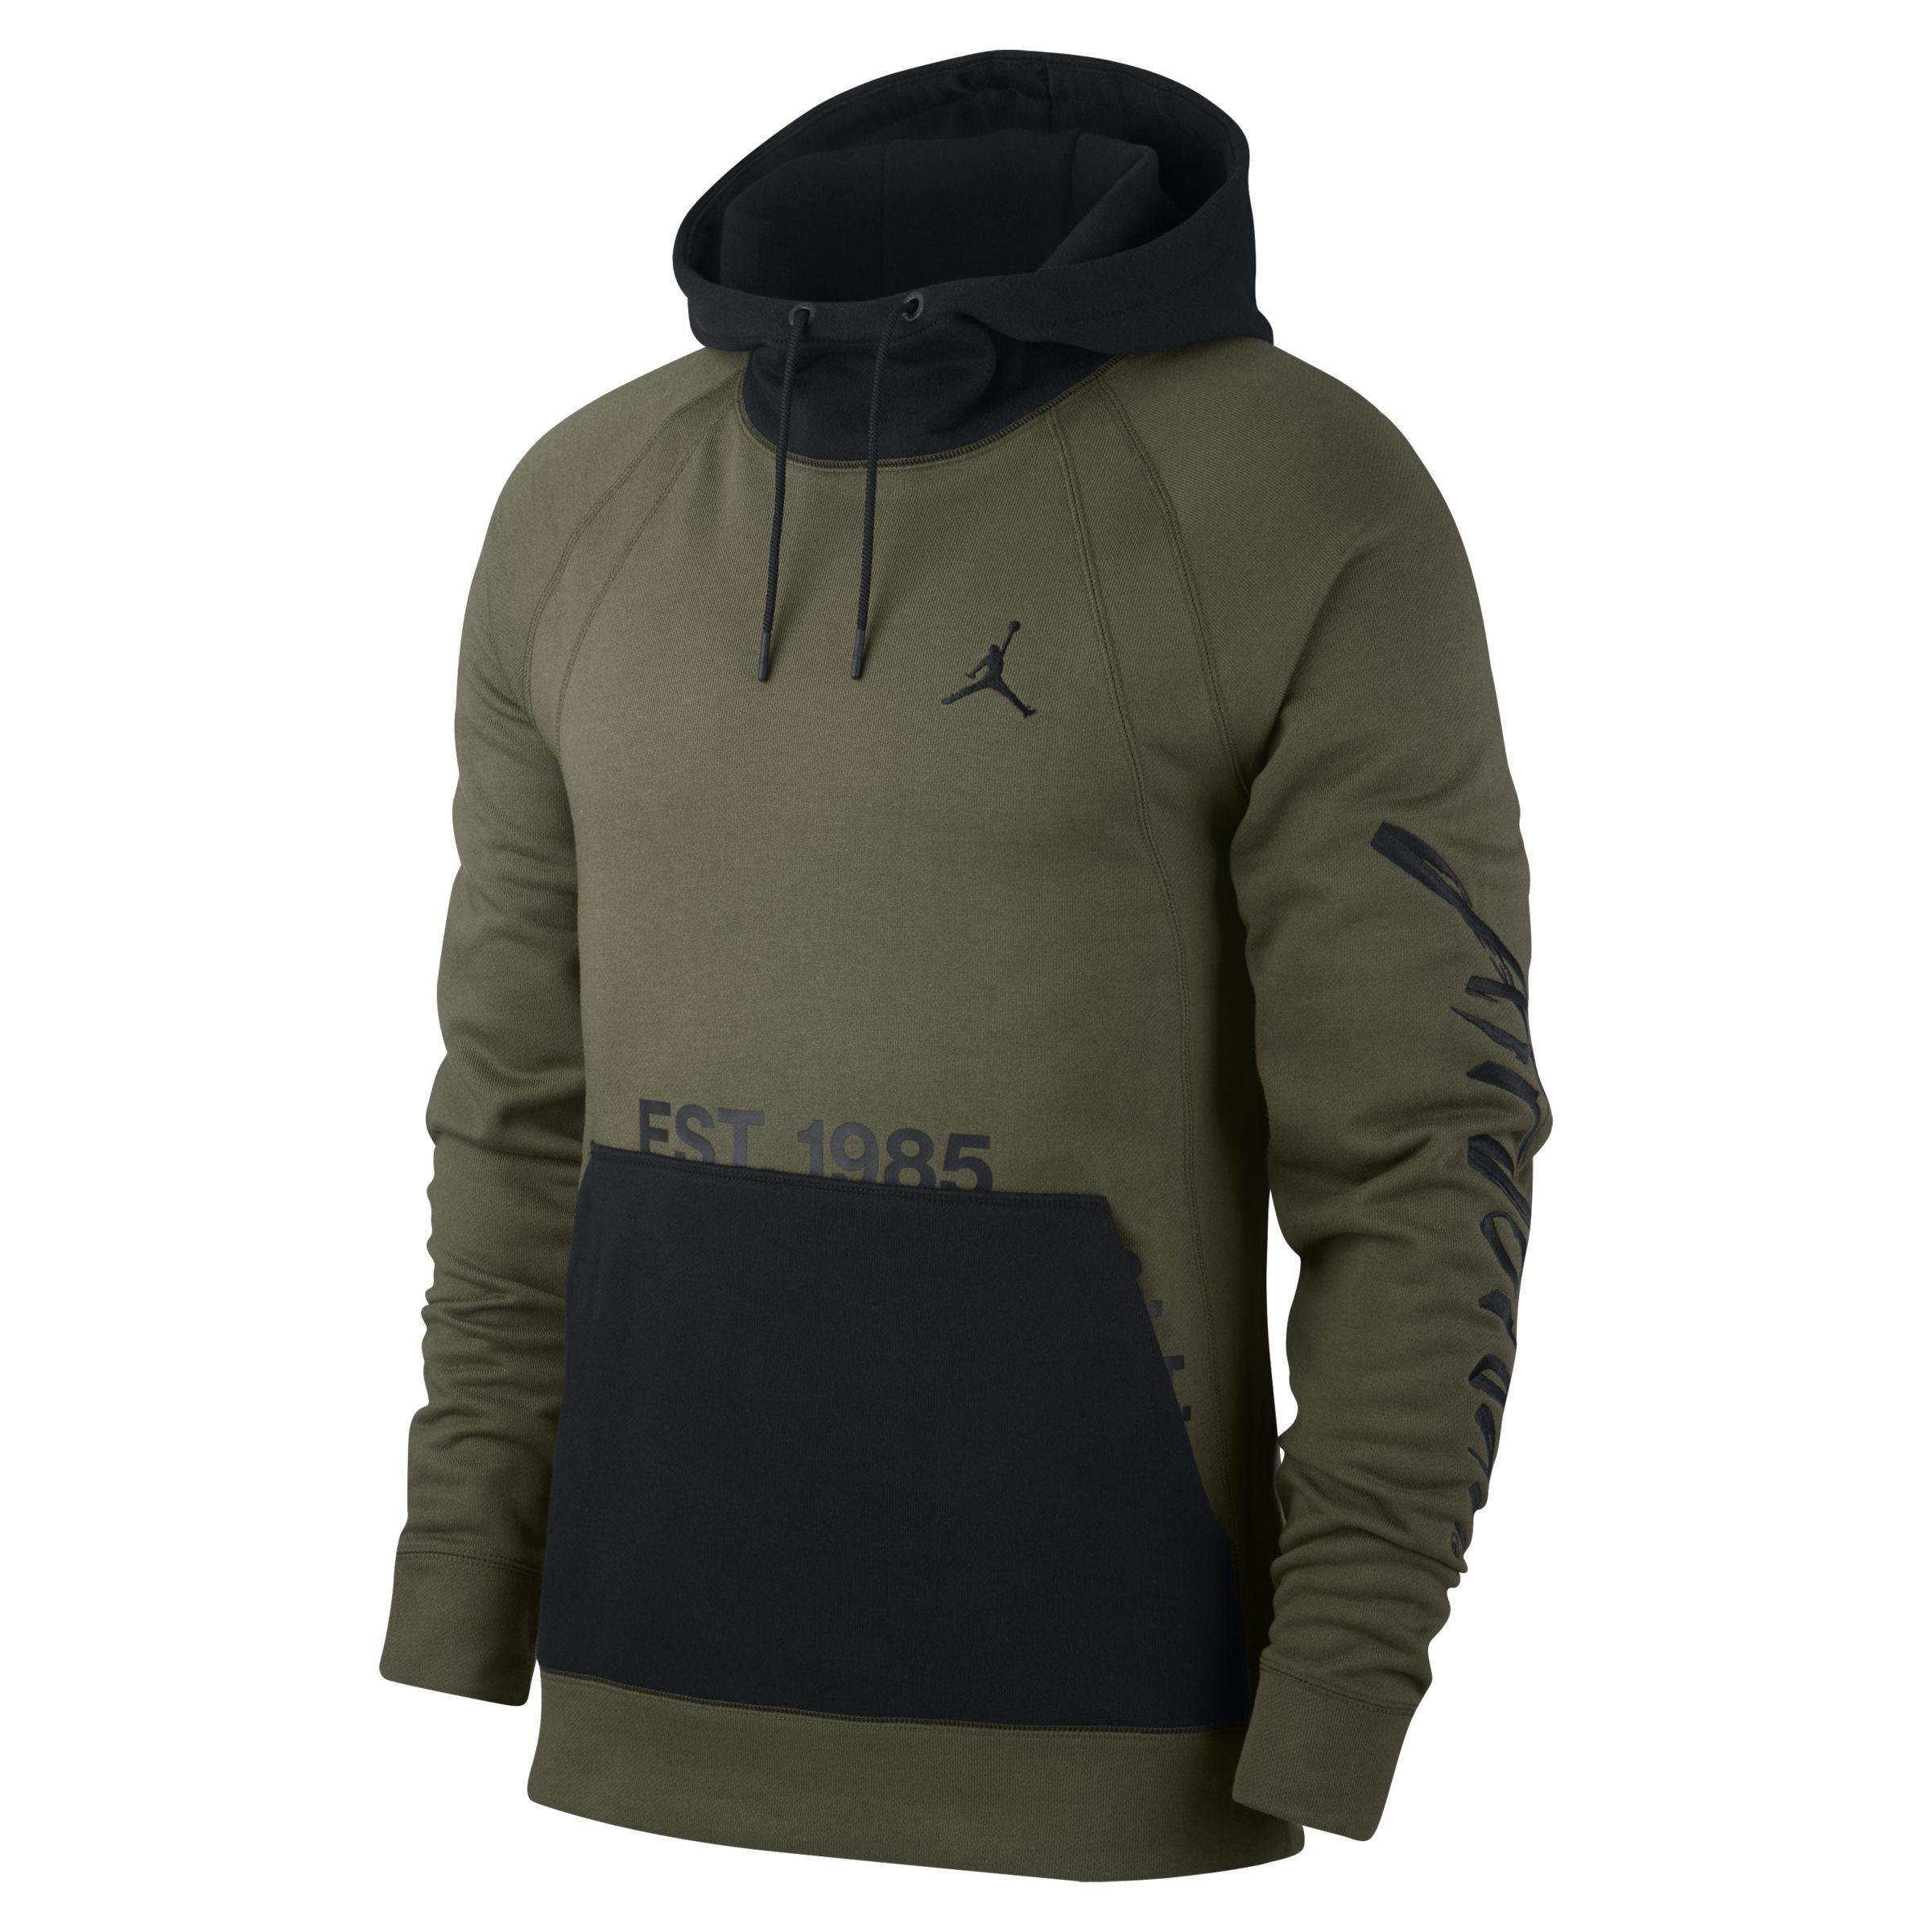 d63d3a499b8203 Nike Jordan Sportswear Greatest Fleece Pullover Hoodie in Green for ...